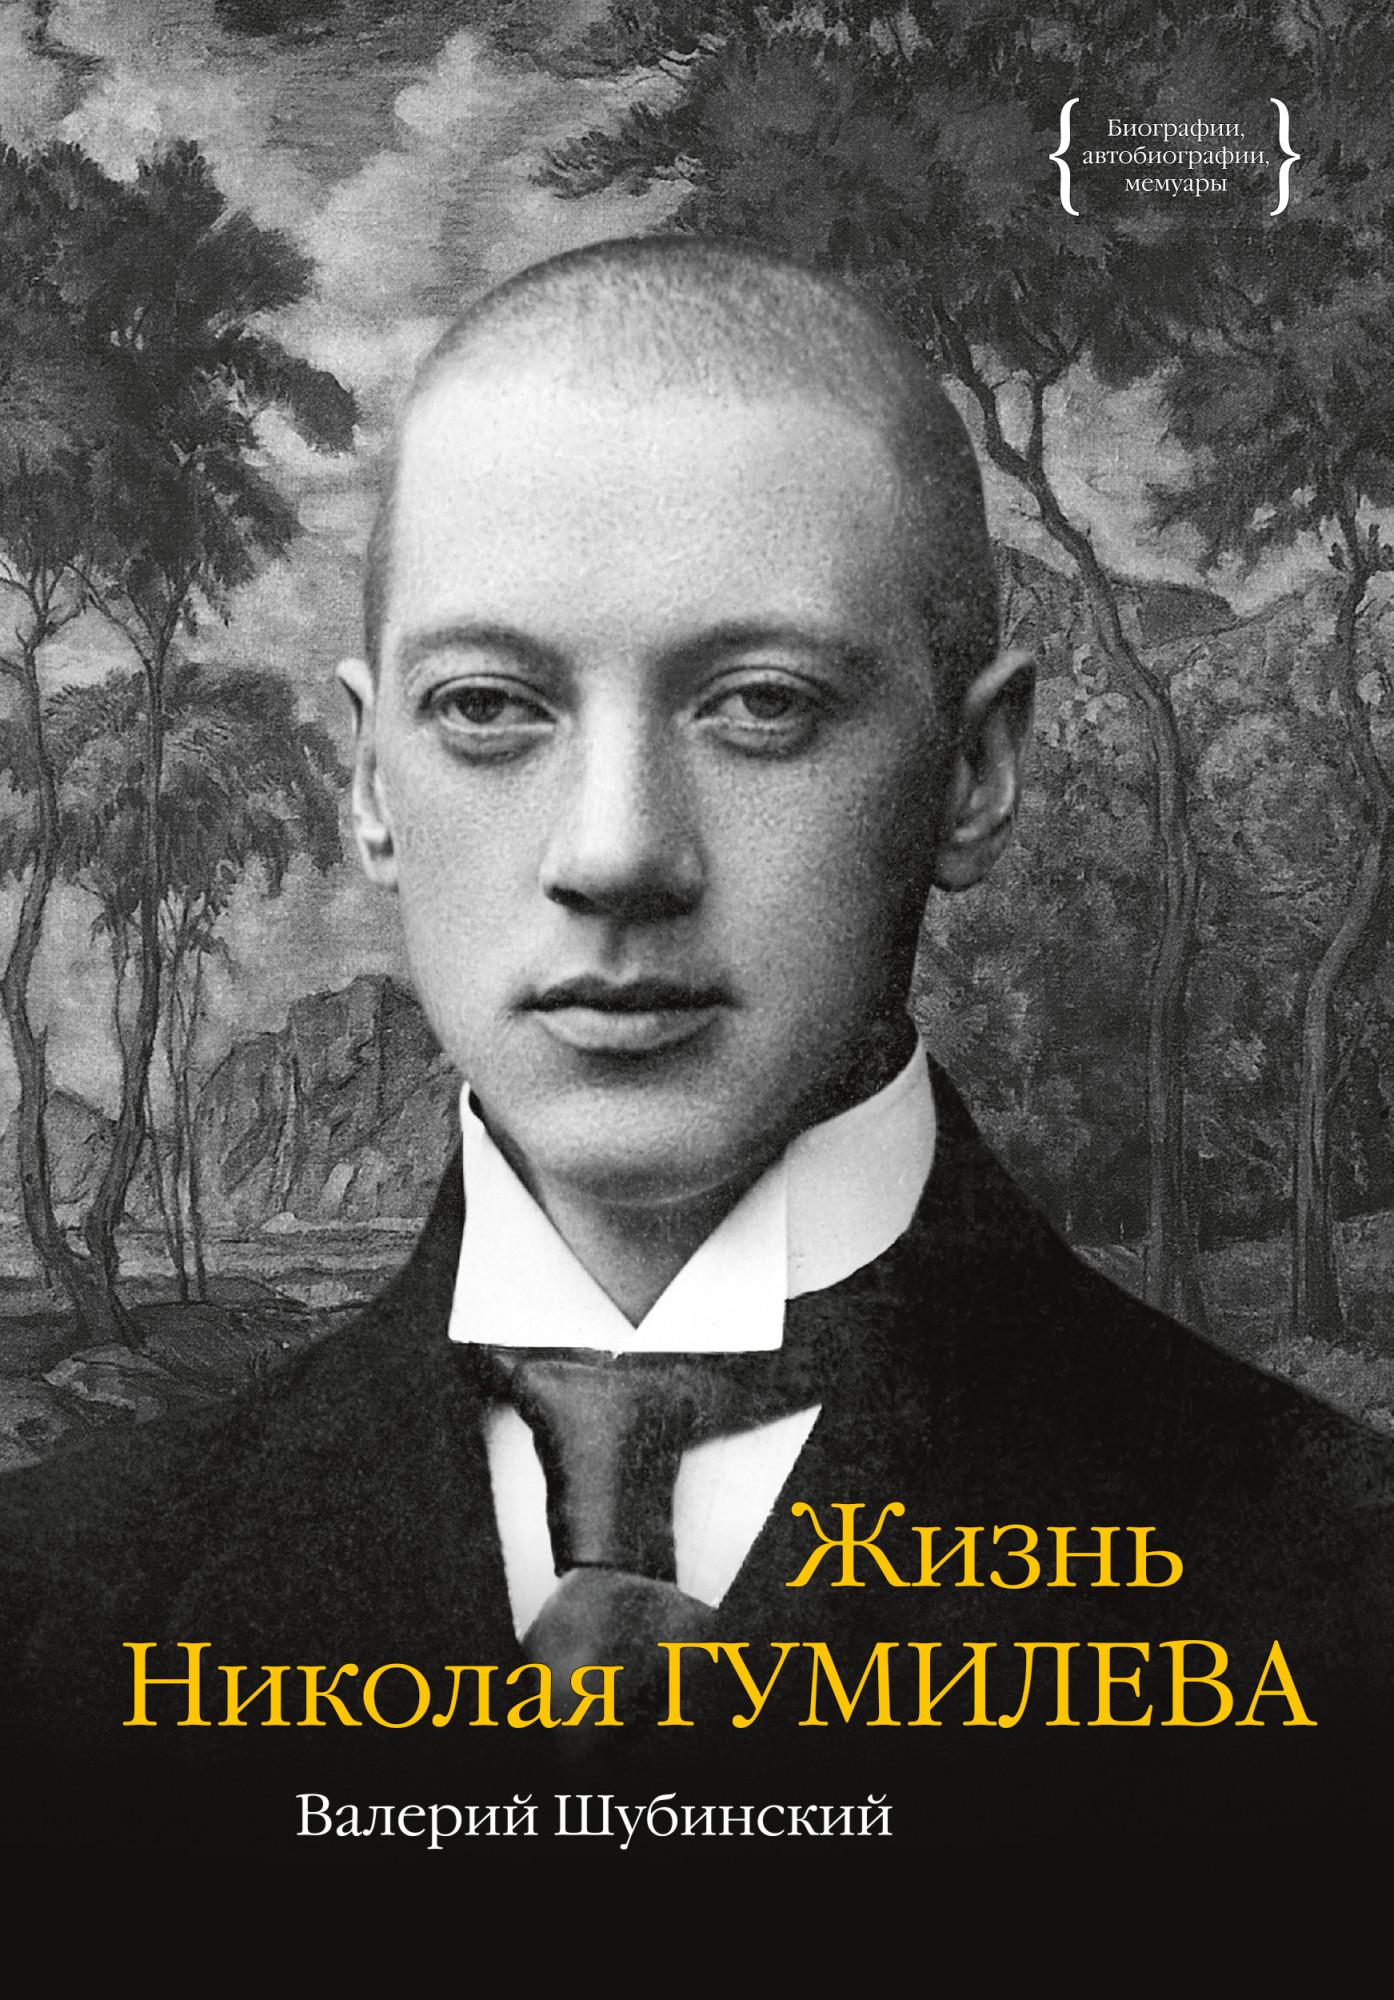 Жизнь Николая Гумилева